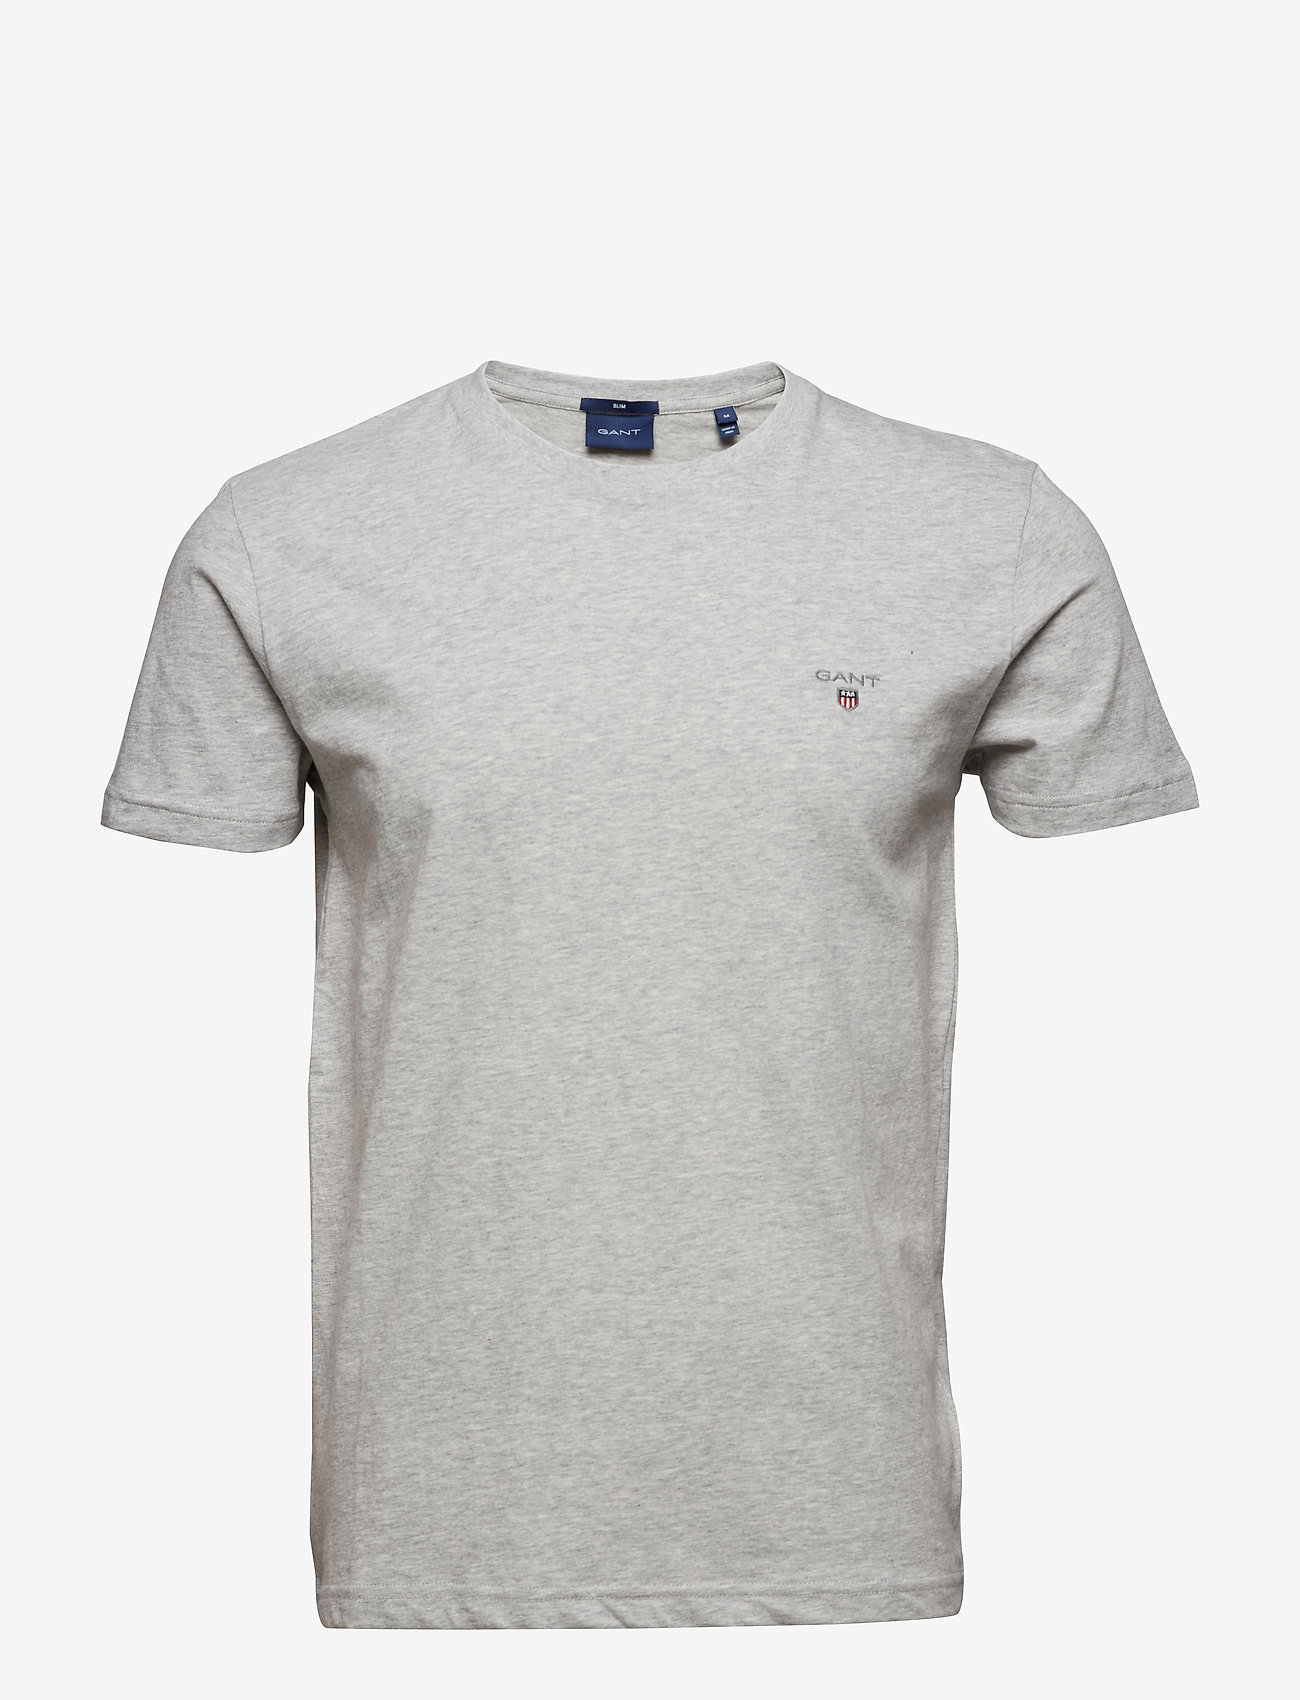 GANT - ORIGINAL SLIM T-SHIRT - basic t-shirts - light grey melange - 0